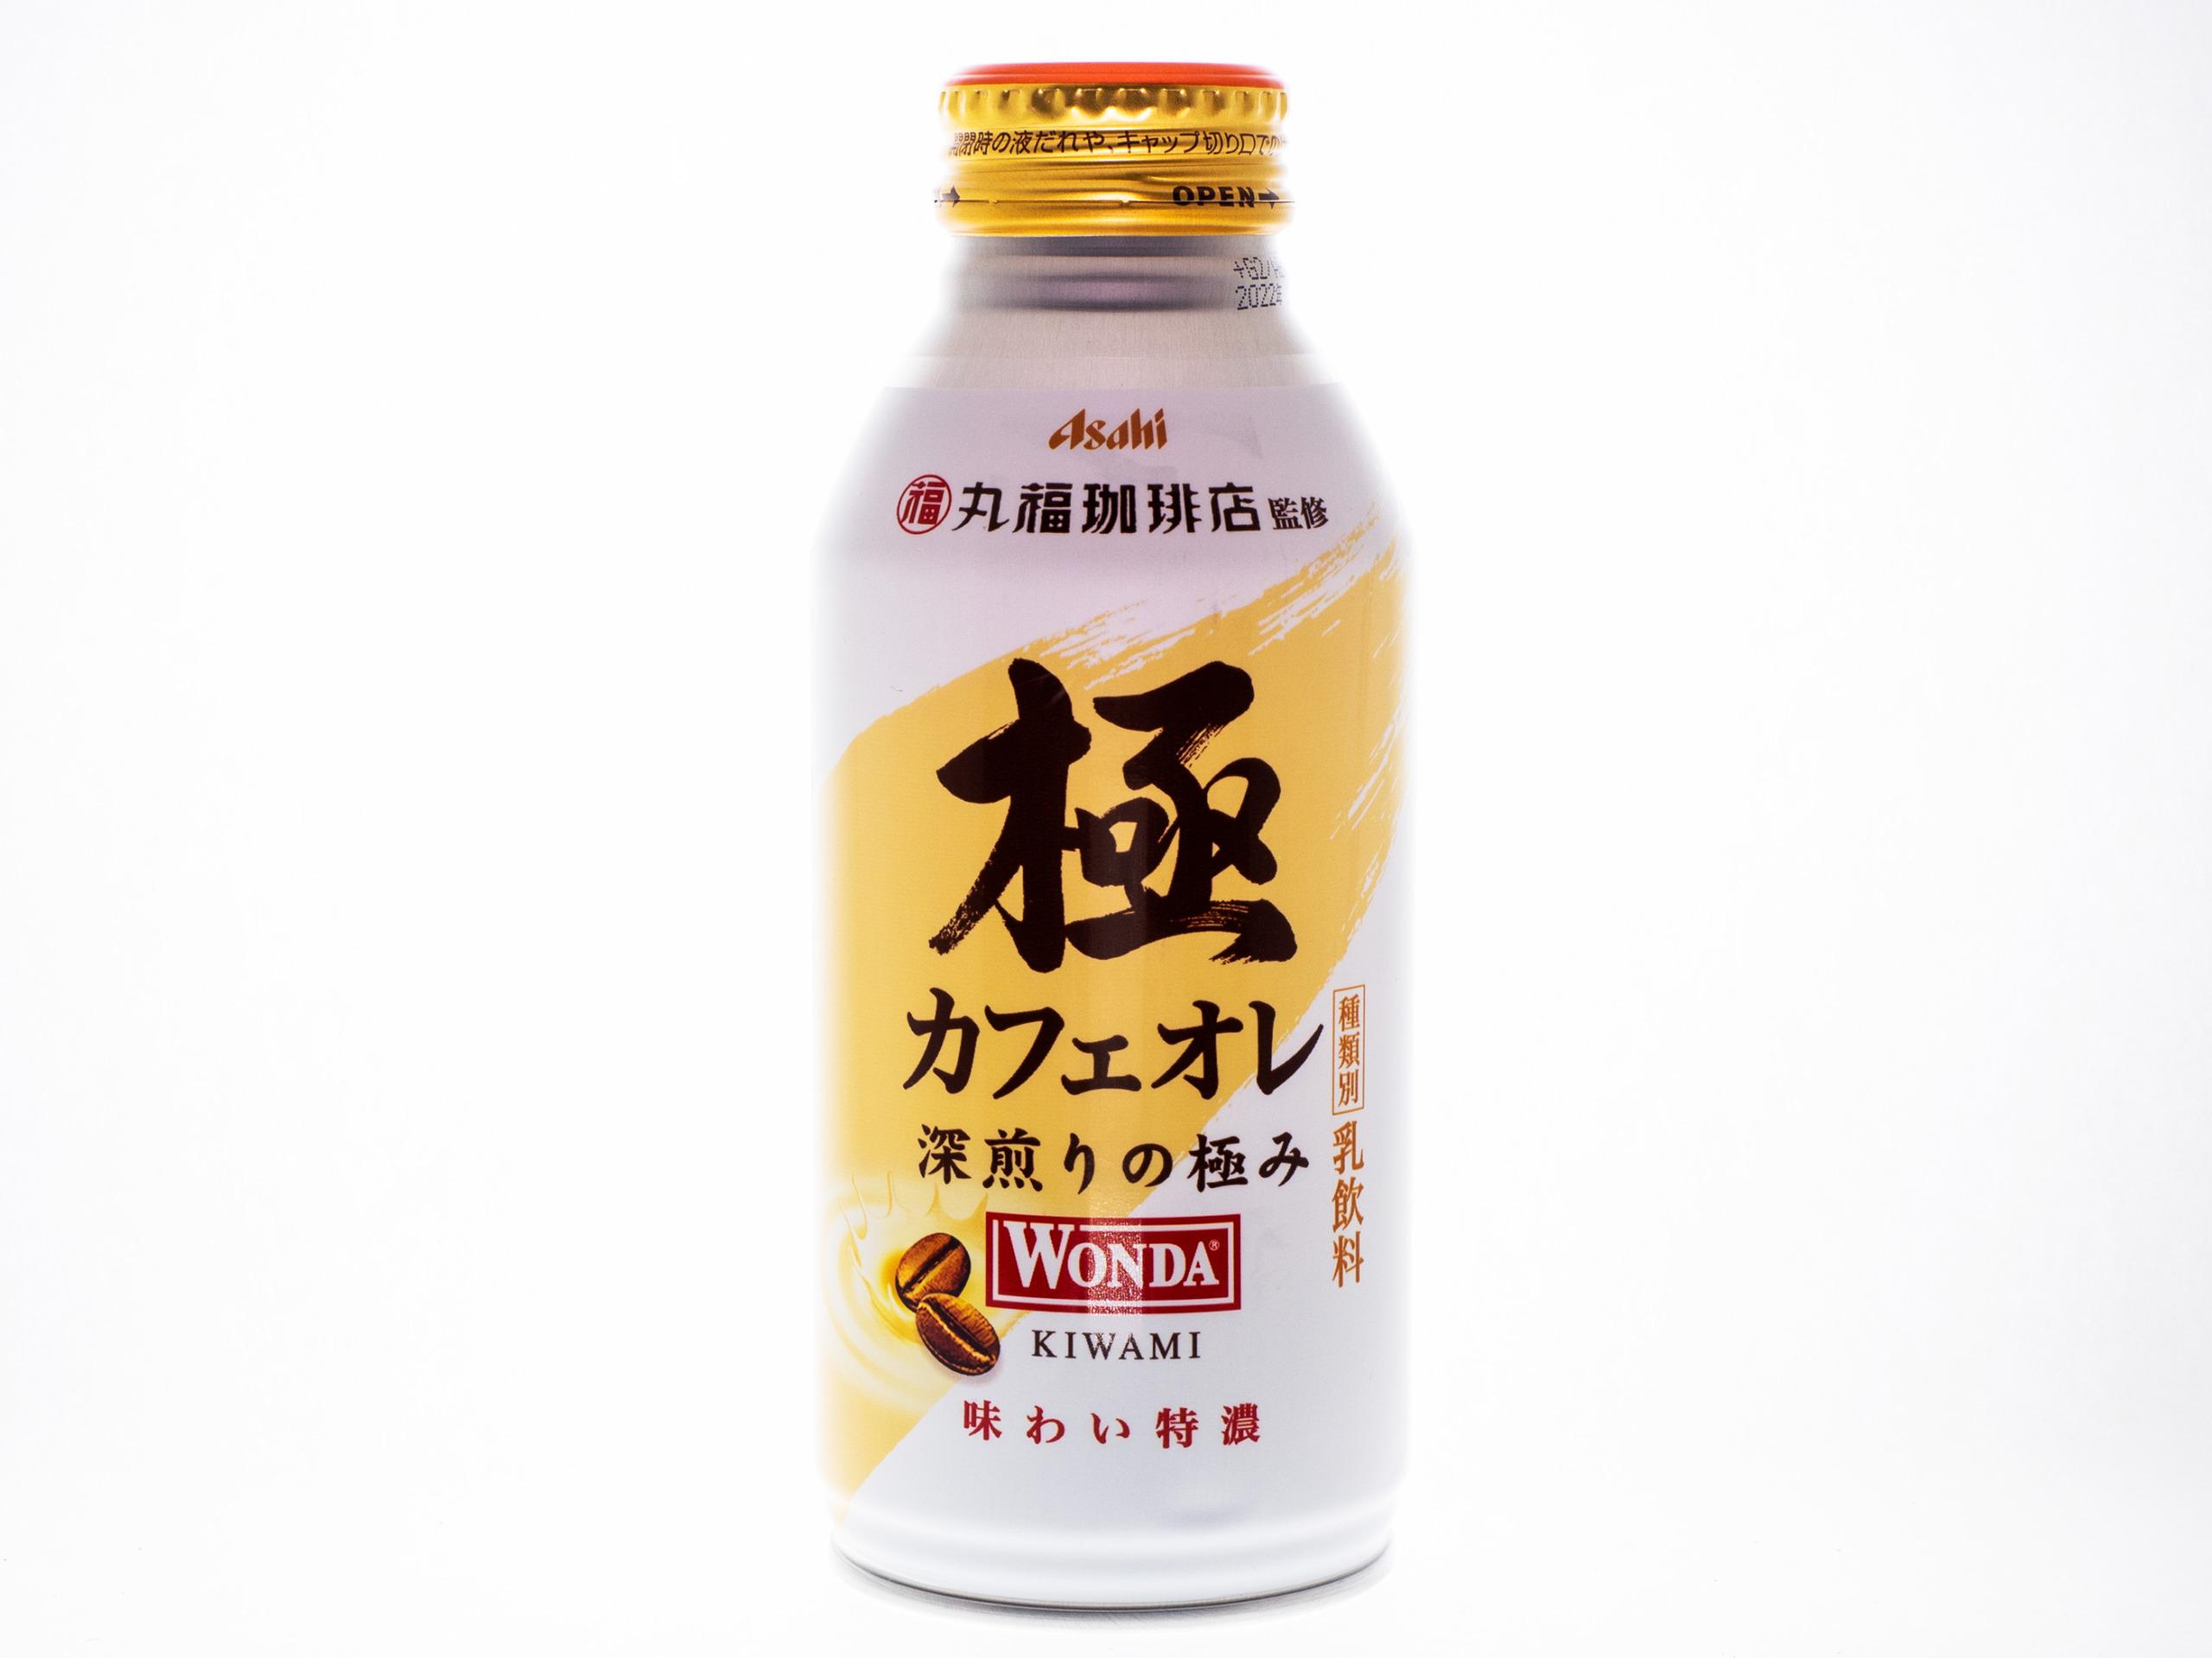 アサヒ飲料 WONDA 極 カフェオレ ボトル缶370g